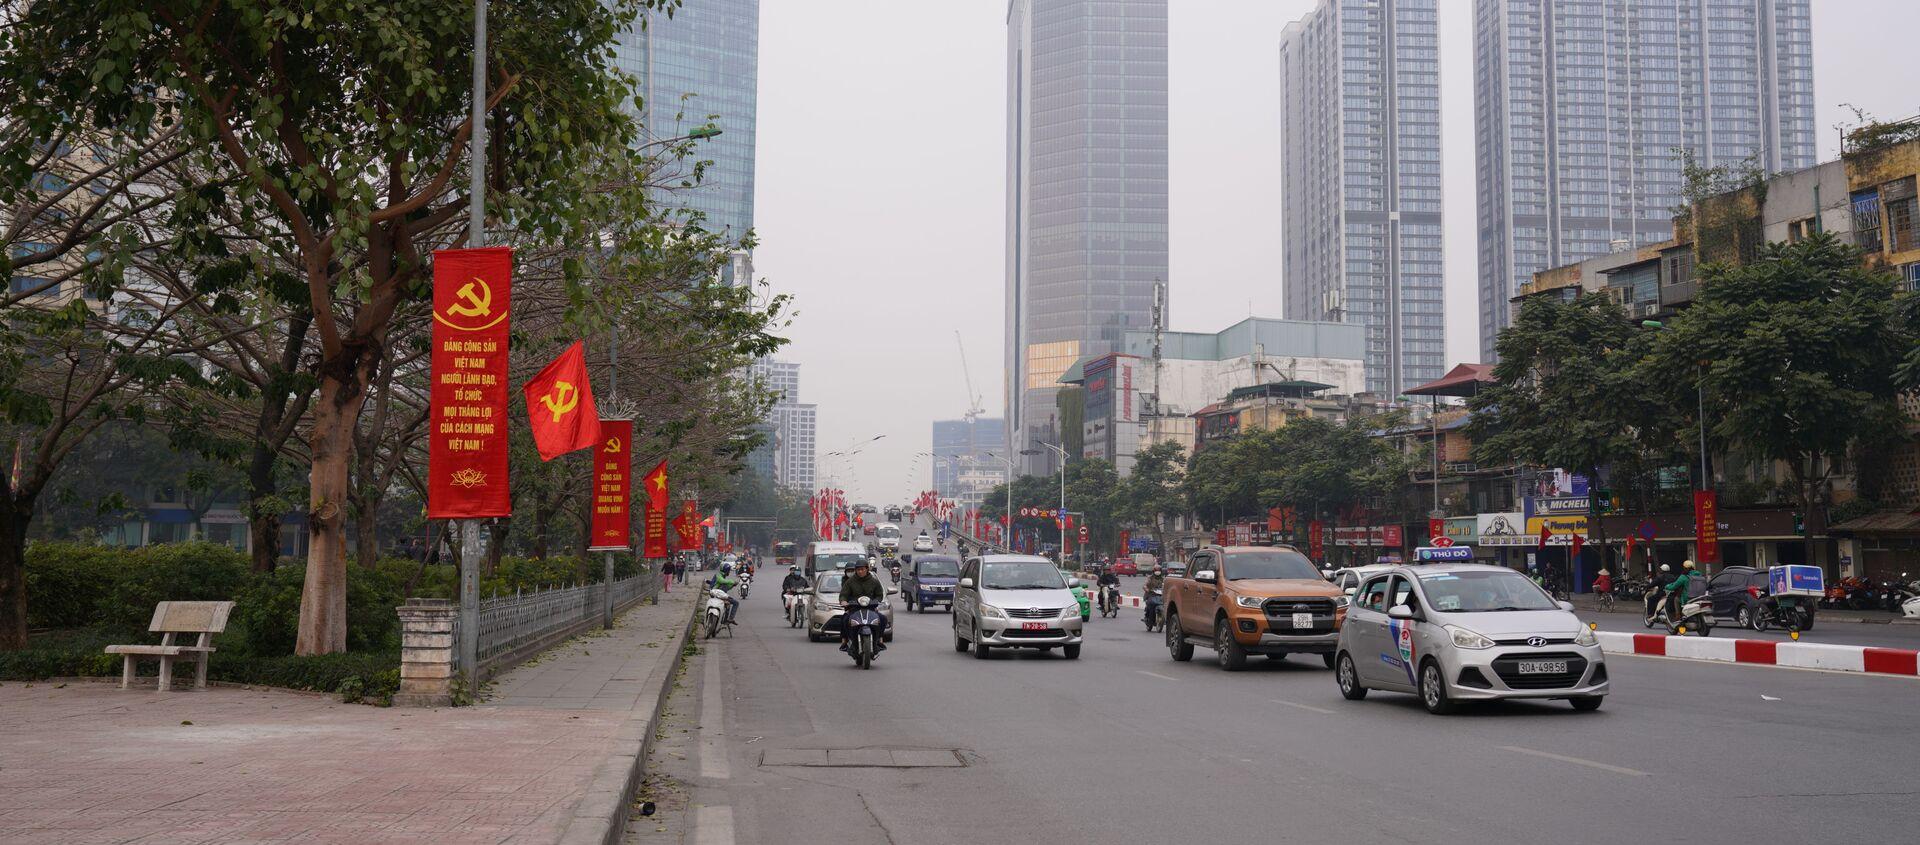 Giao thông trên đường phố Hà Nội trang hoàng chào mừng Đại hội Đảng Cộng sản Việt Nam lần thứ 13 - Sputnik Việt Nam, 1920, 30.01.2021